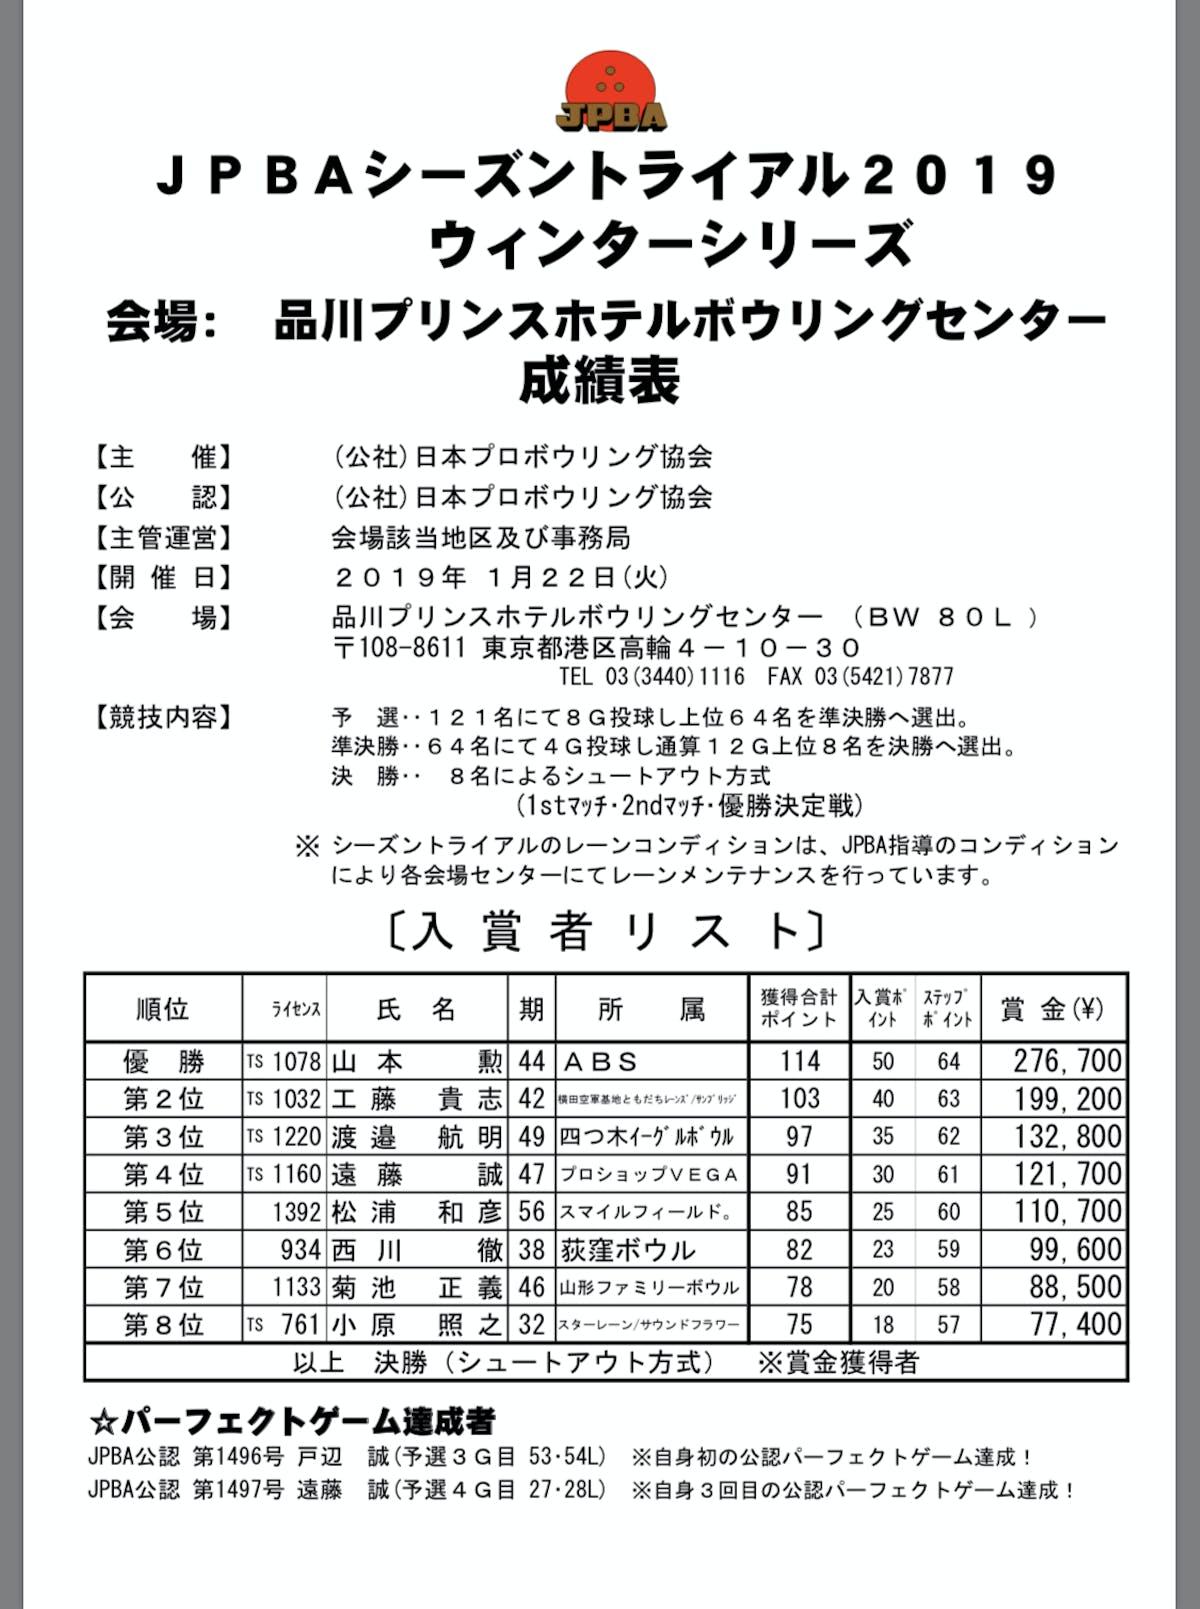 3EC31105-EE52-4B57-84DF-4960DE54B33C.jpeg